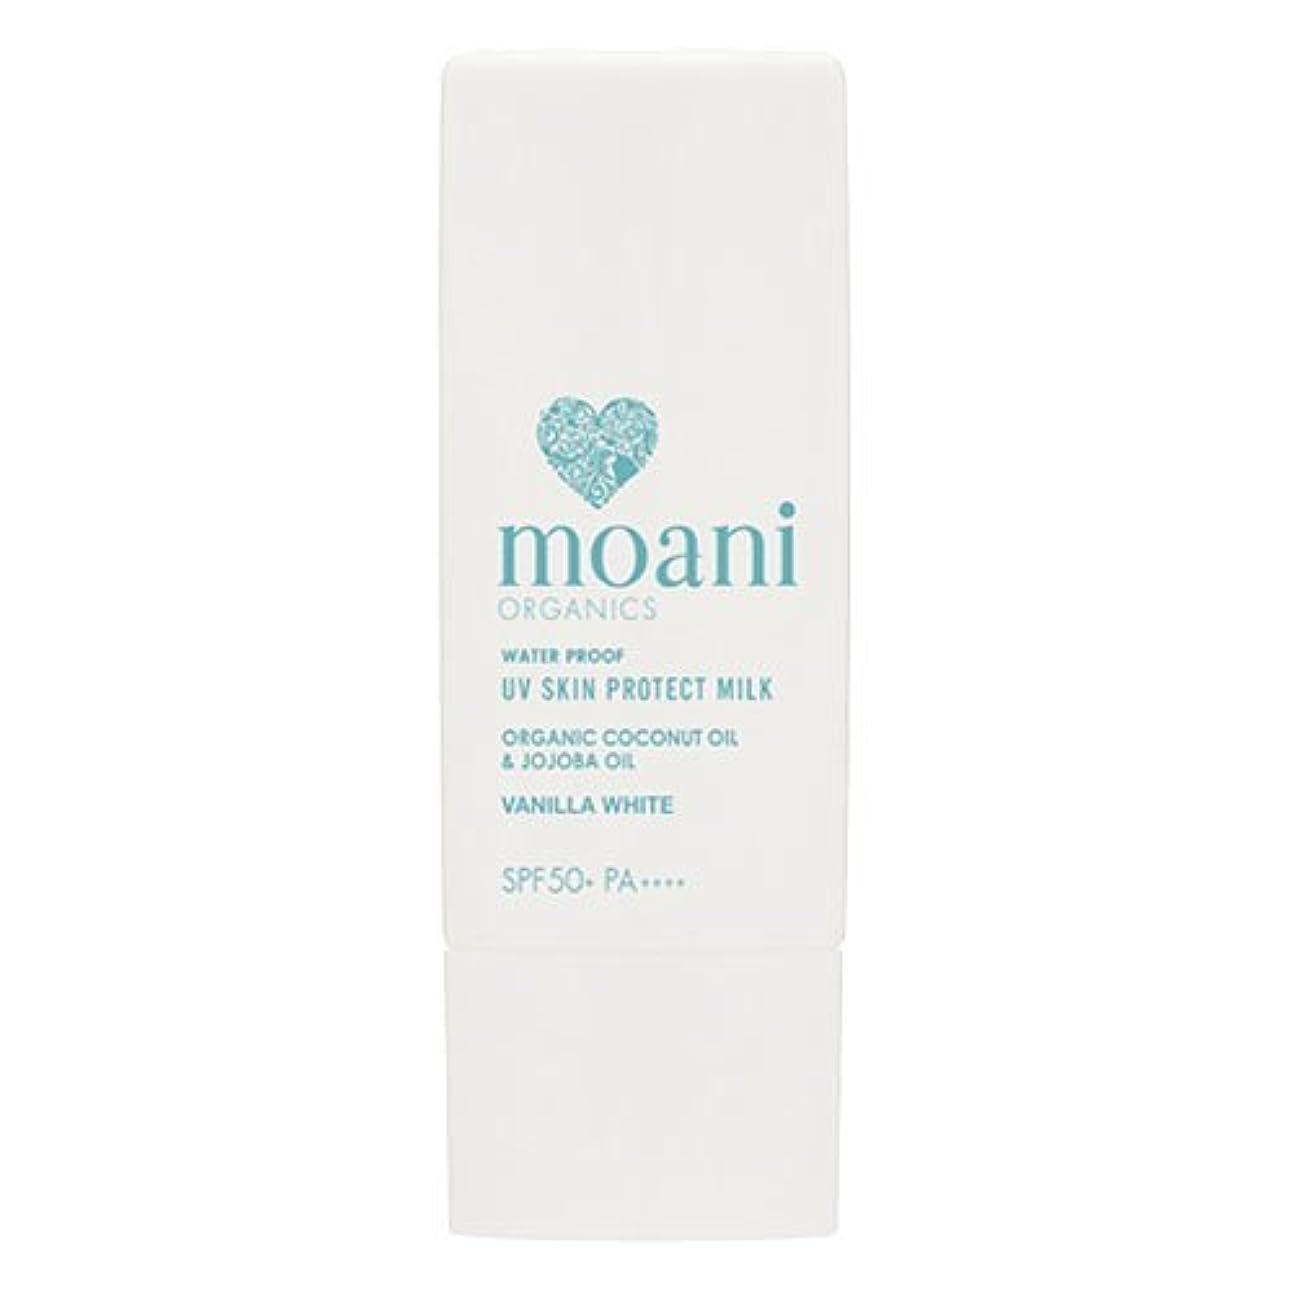 歩道共感する単位moani organics UV SKIN PROTECT MILK vanilla white(顔用日焼け止め)